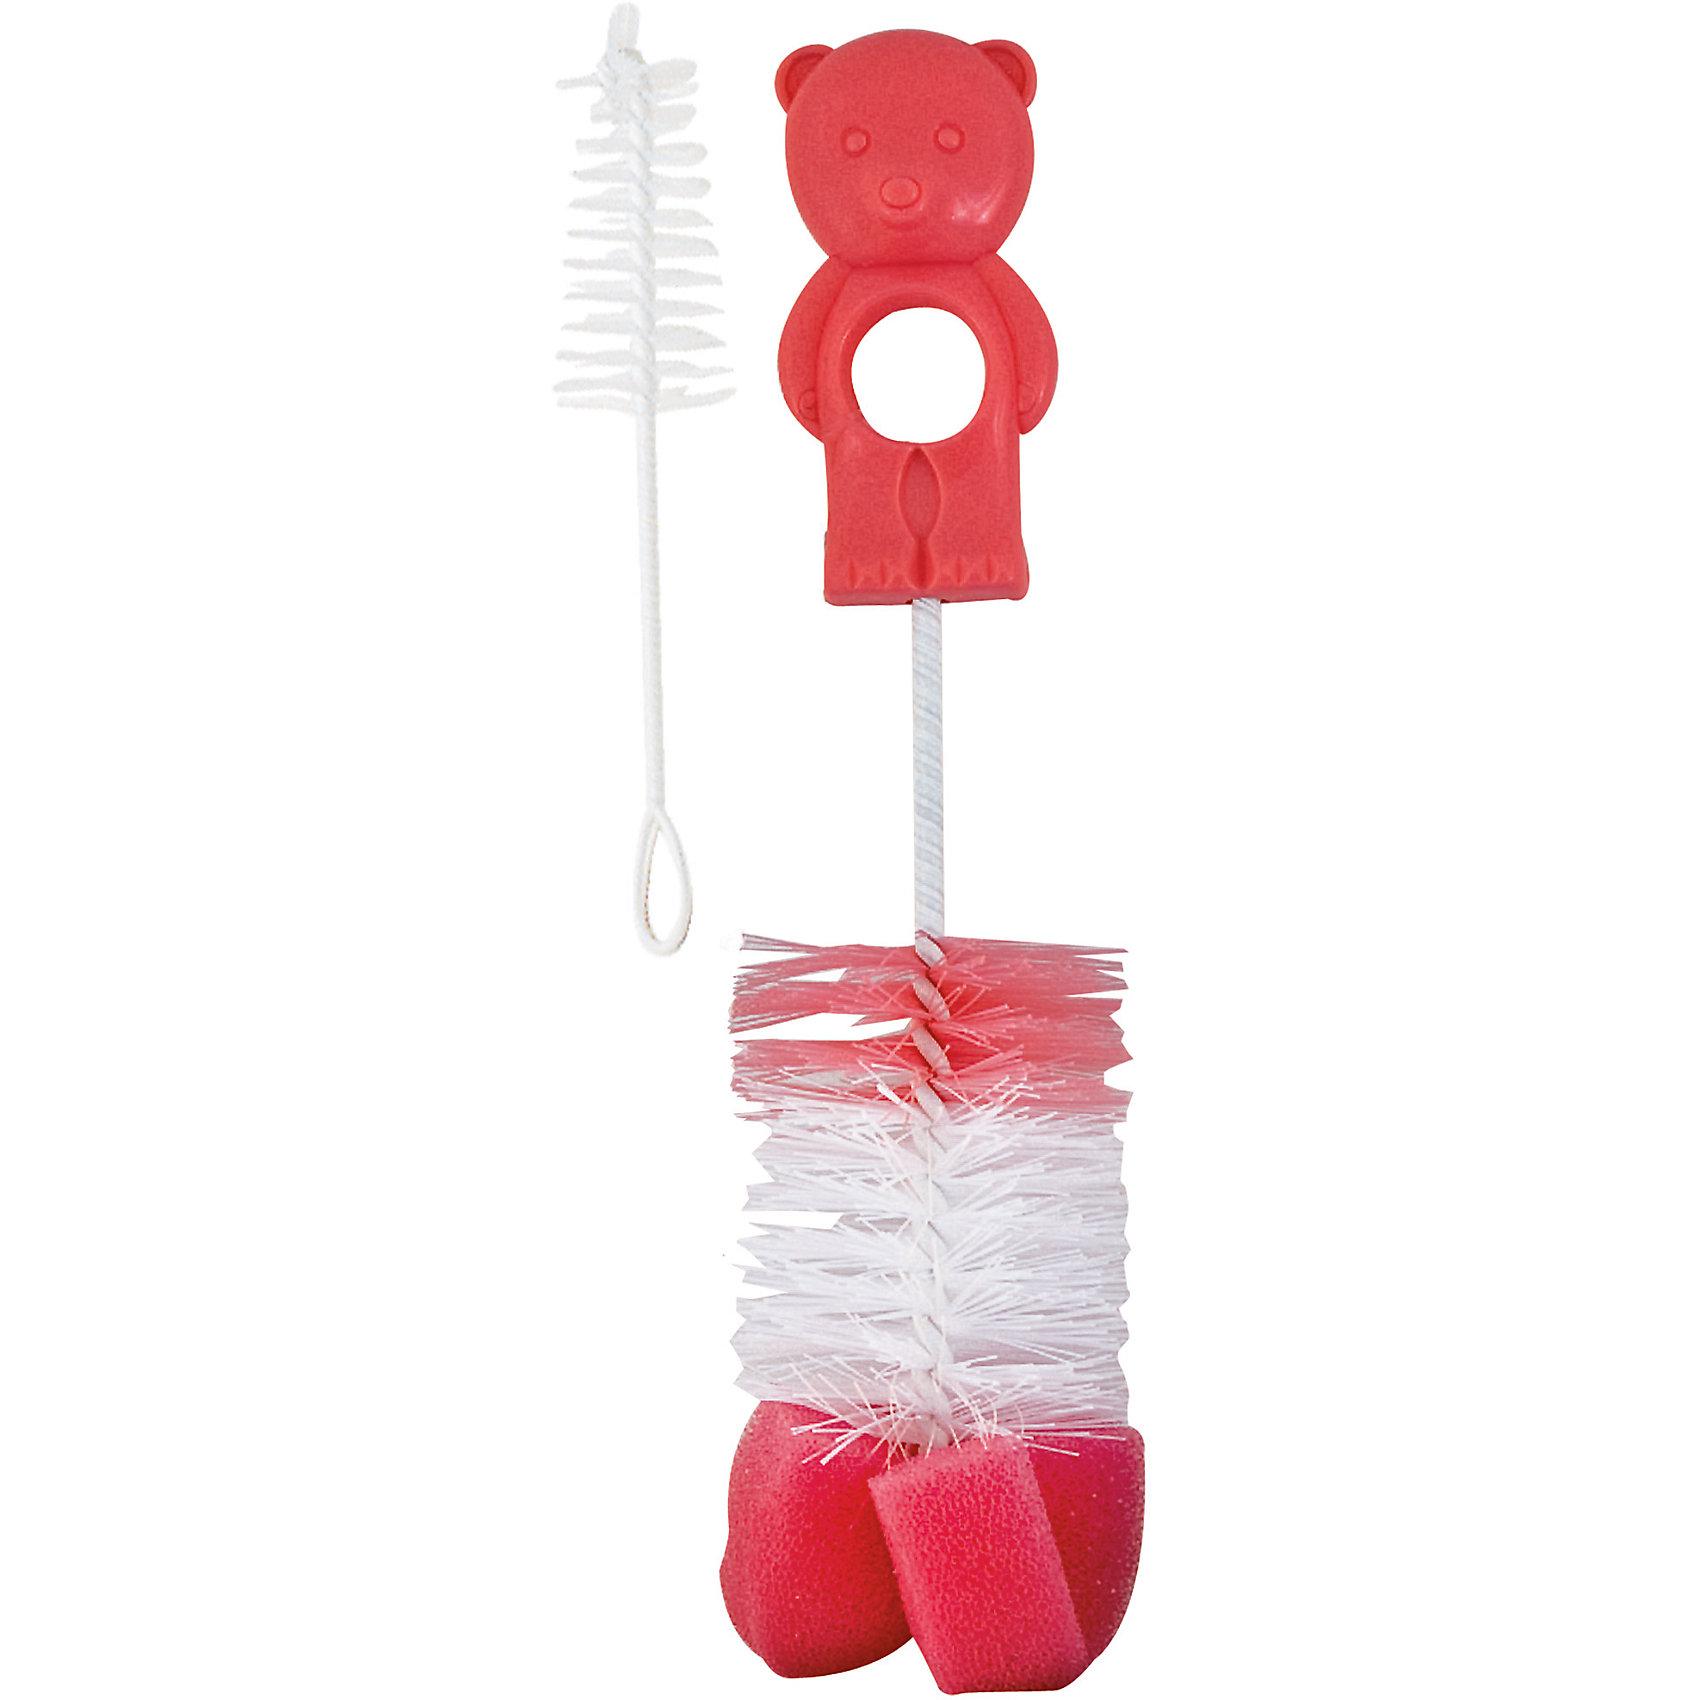 Ёршик для мытья детских бутылок, Canpol Babies, розовыйЕршик для бутылочек Canpol Babies позволит качественно удалить остатки пищи из бутылочки, не повредив поверхности!<br>Ершик предназначен для тщательной очистки бутылочек перед стерилизацией. Для того чтобы обеспечить удобную и тщательную очистку, ершик снабжен вращающейся изогнутой ручкой, а конец ершика сделан из мягкой губки специальной формы. Благодаря этому очистка будет бережной и не оставит царапин на поверхности. <br>В комплект также входит маленькая кисточка / губка для чистки сосок.<br>Ершик для бутылочек Canpol Babies можно купить в нашем интернет-магазине.<br><br>Внимание! Товар может быть как в новом, так и в старом дизайне.<br><br>Ширина мм: 390<br>Глубина мм: 102<br>Высота мм: 50<br>Вес г: 39<br>Возраст от месяцев: 1<br>Возраст до месяцев: 18<br>Пол: Женский<br>Возраст: Детский<br>SKU: 4433943